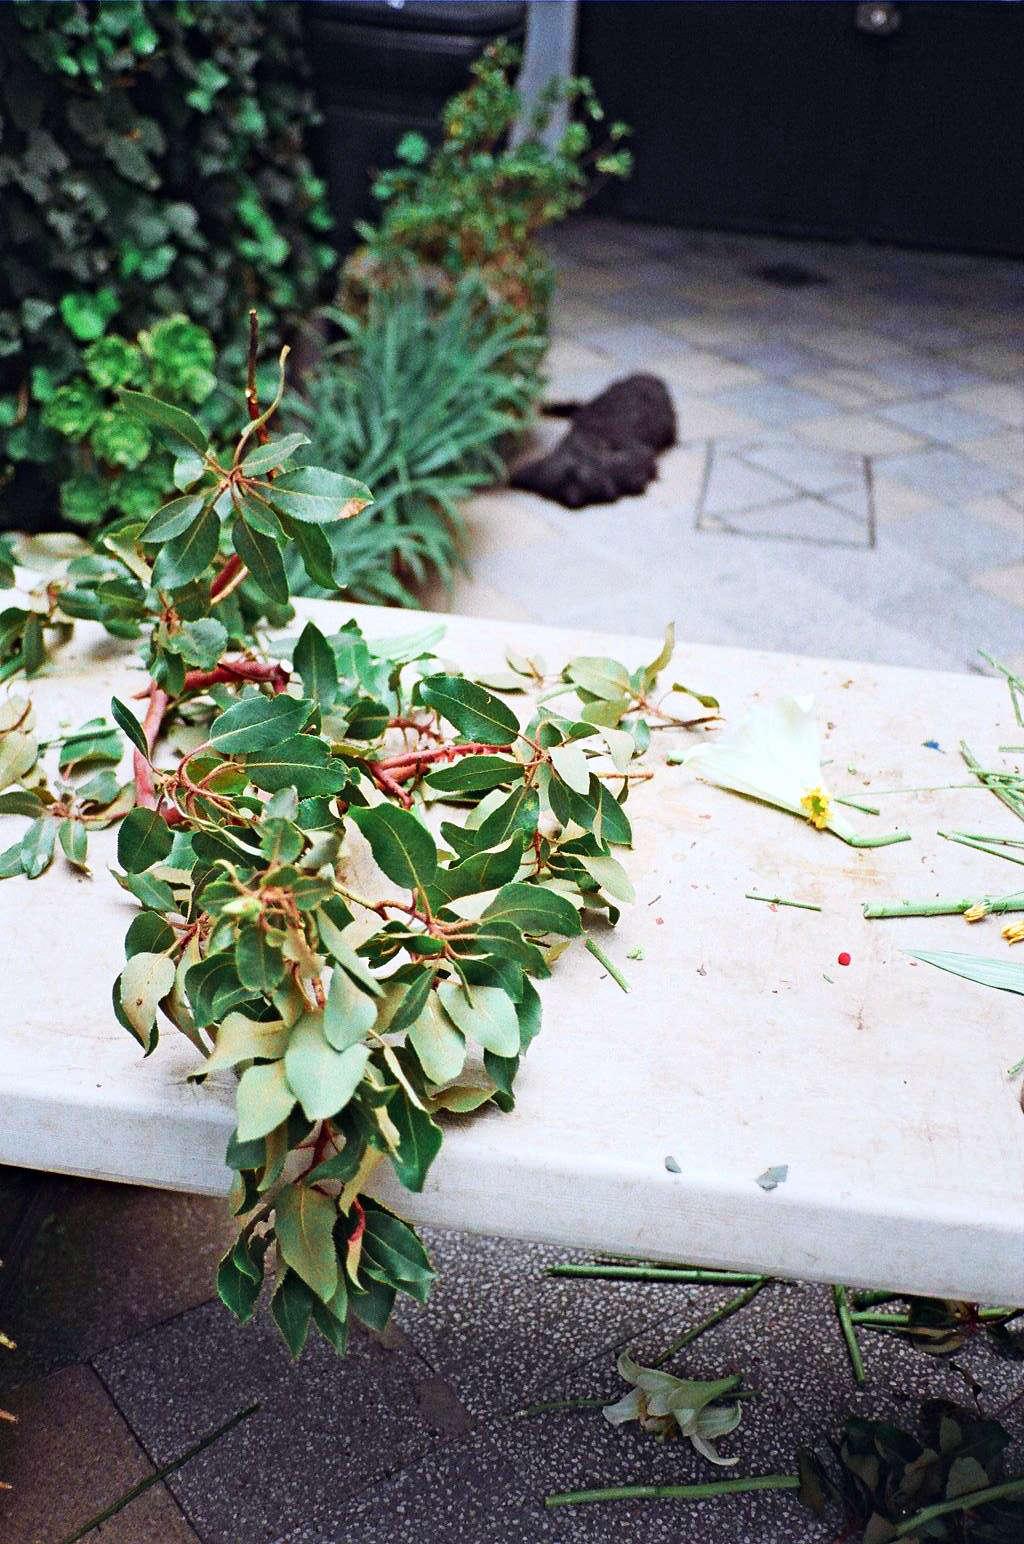 Freunde-von-Freunden-Alberto-Arango-Ramiro-Guerrero-084-gardenista